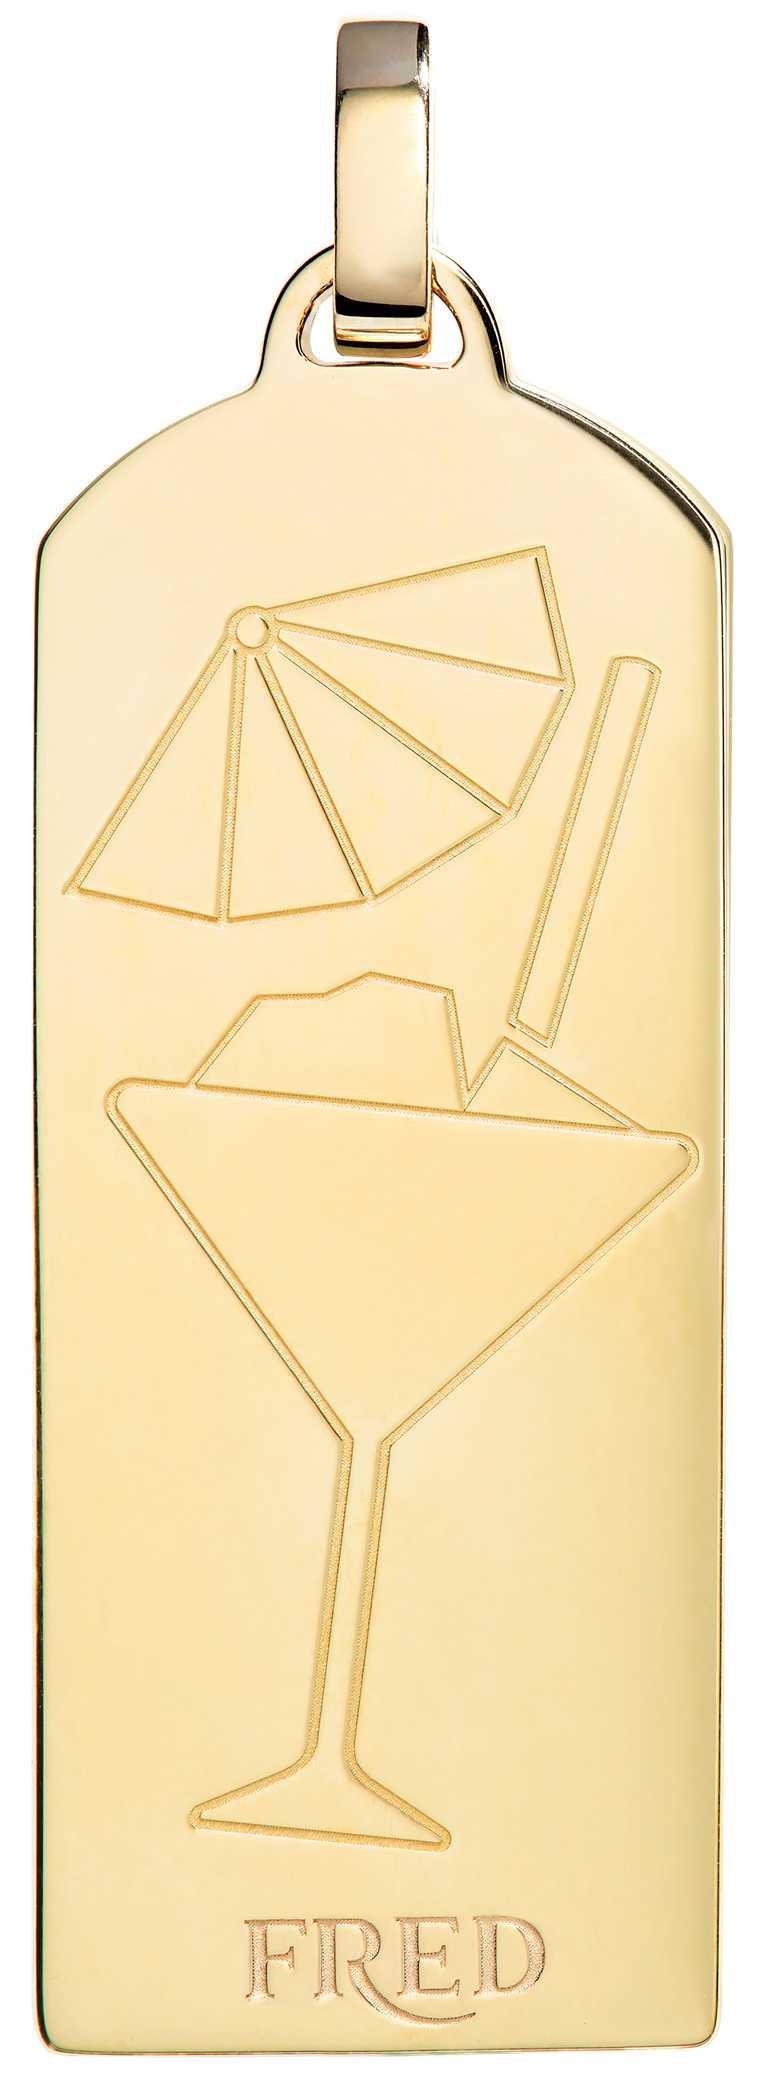 FRED「Riviera」系列,雞尾酒鑽飾黃金鍊墜(反面)╱282,700元。(圖╱FRED提供)